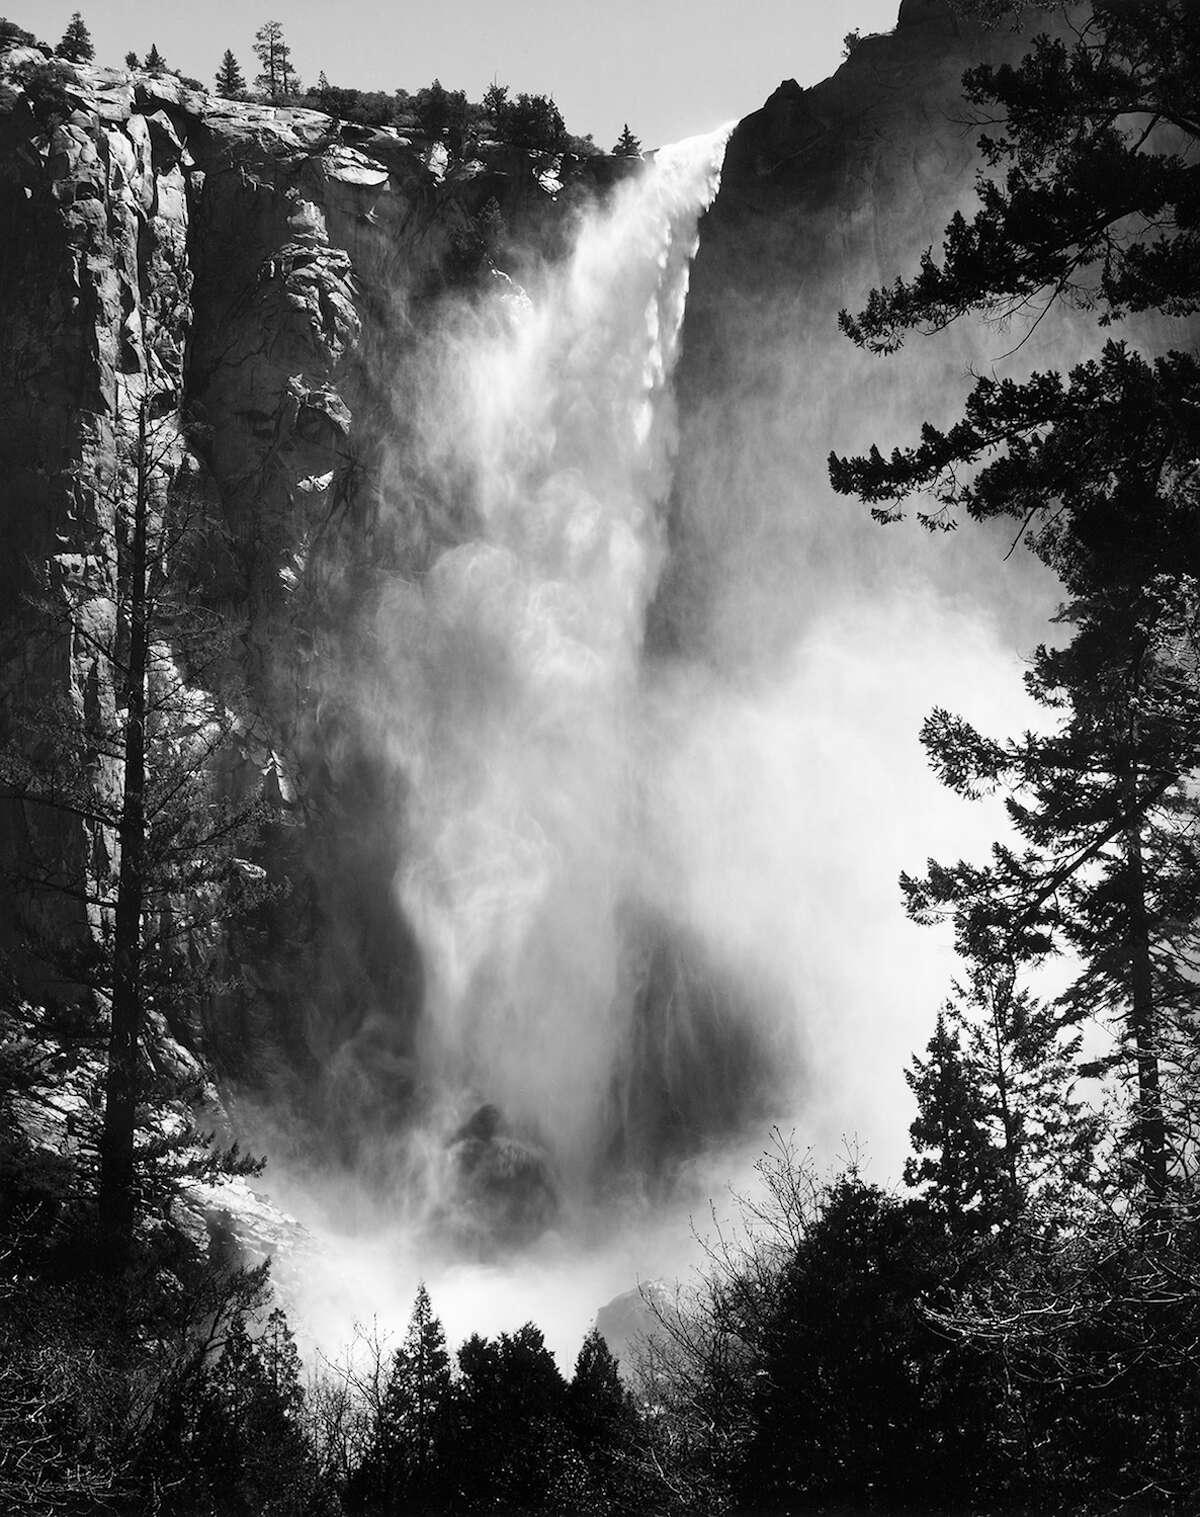 Bridalveil Fall in Yosemite National Park has a drop of 620 feet.